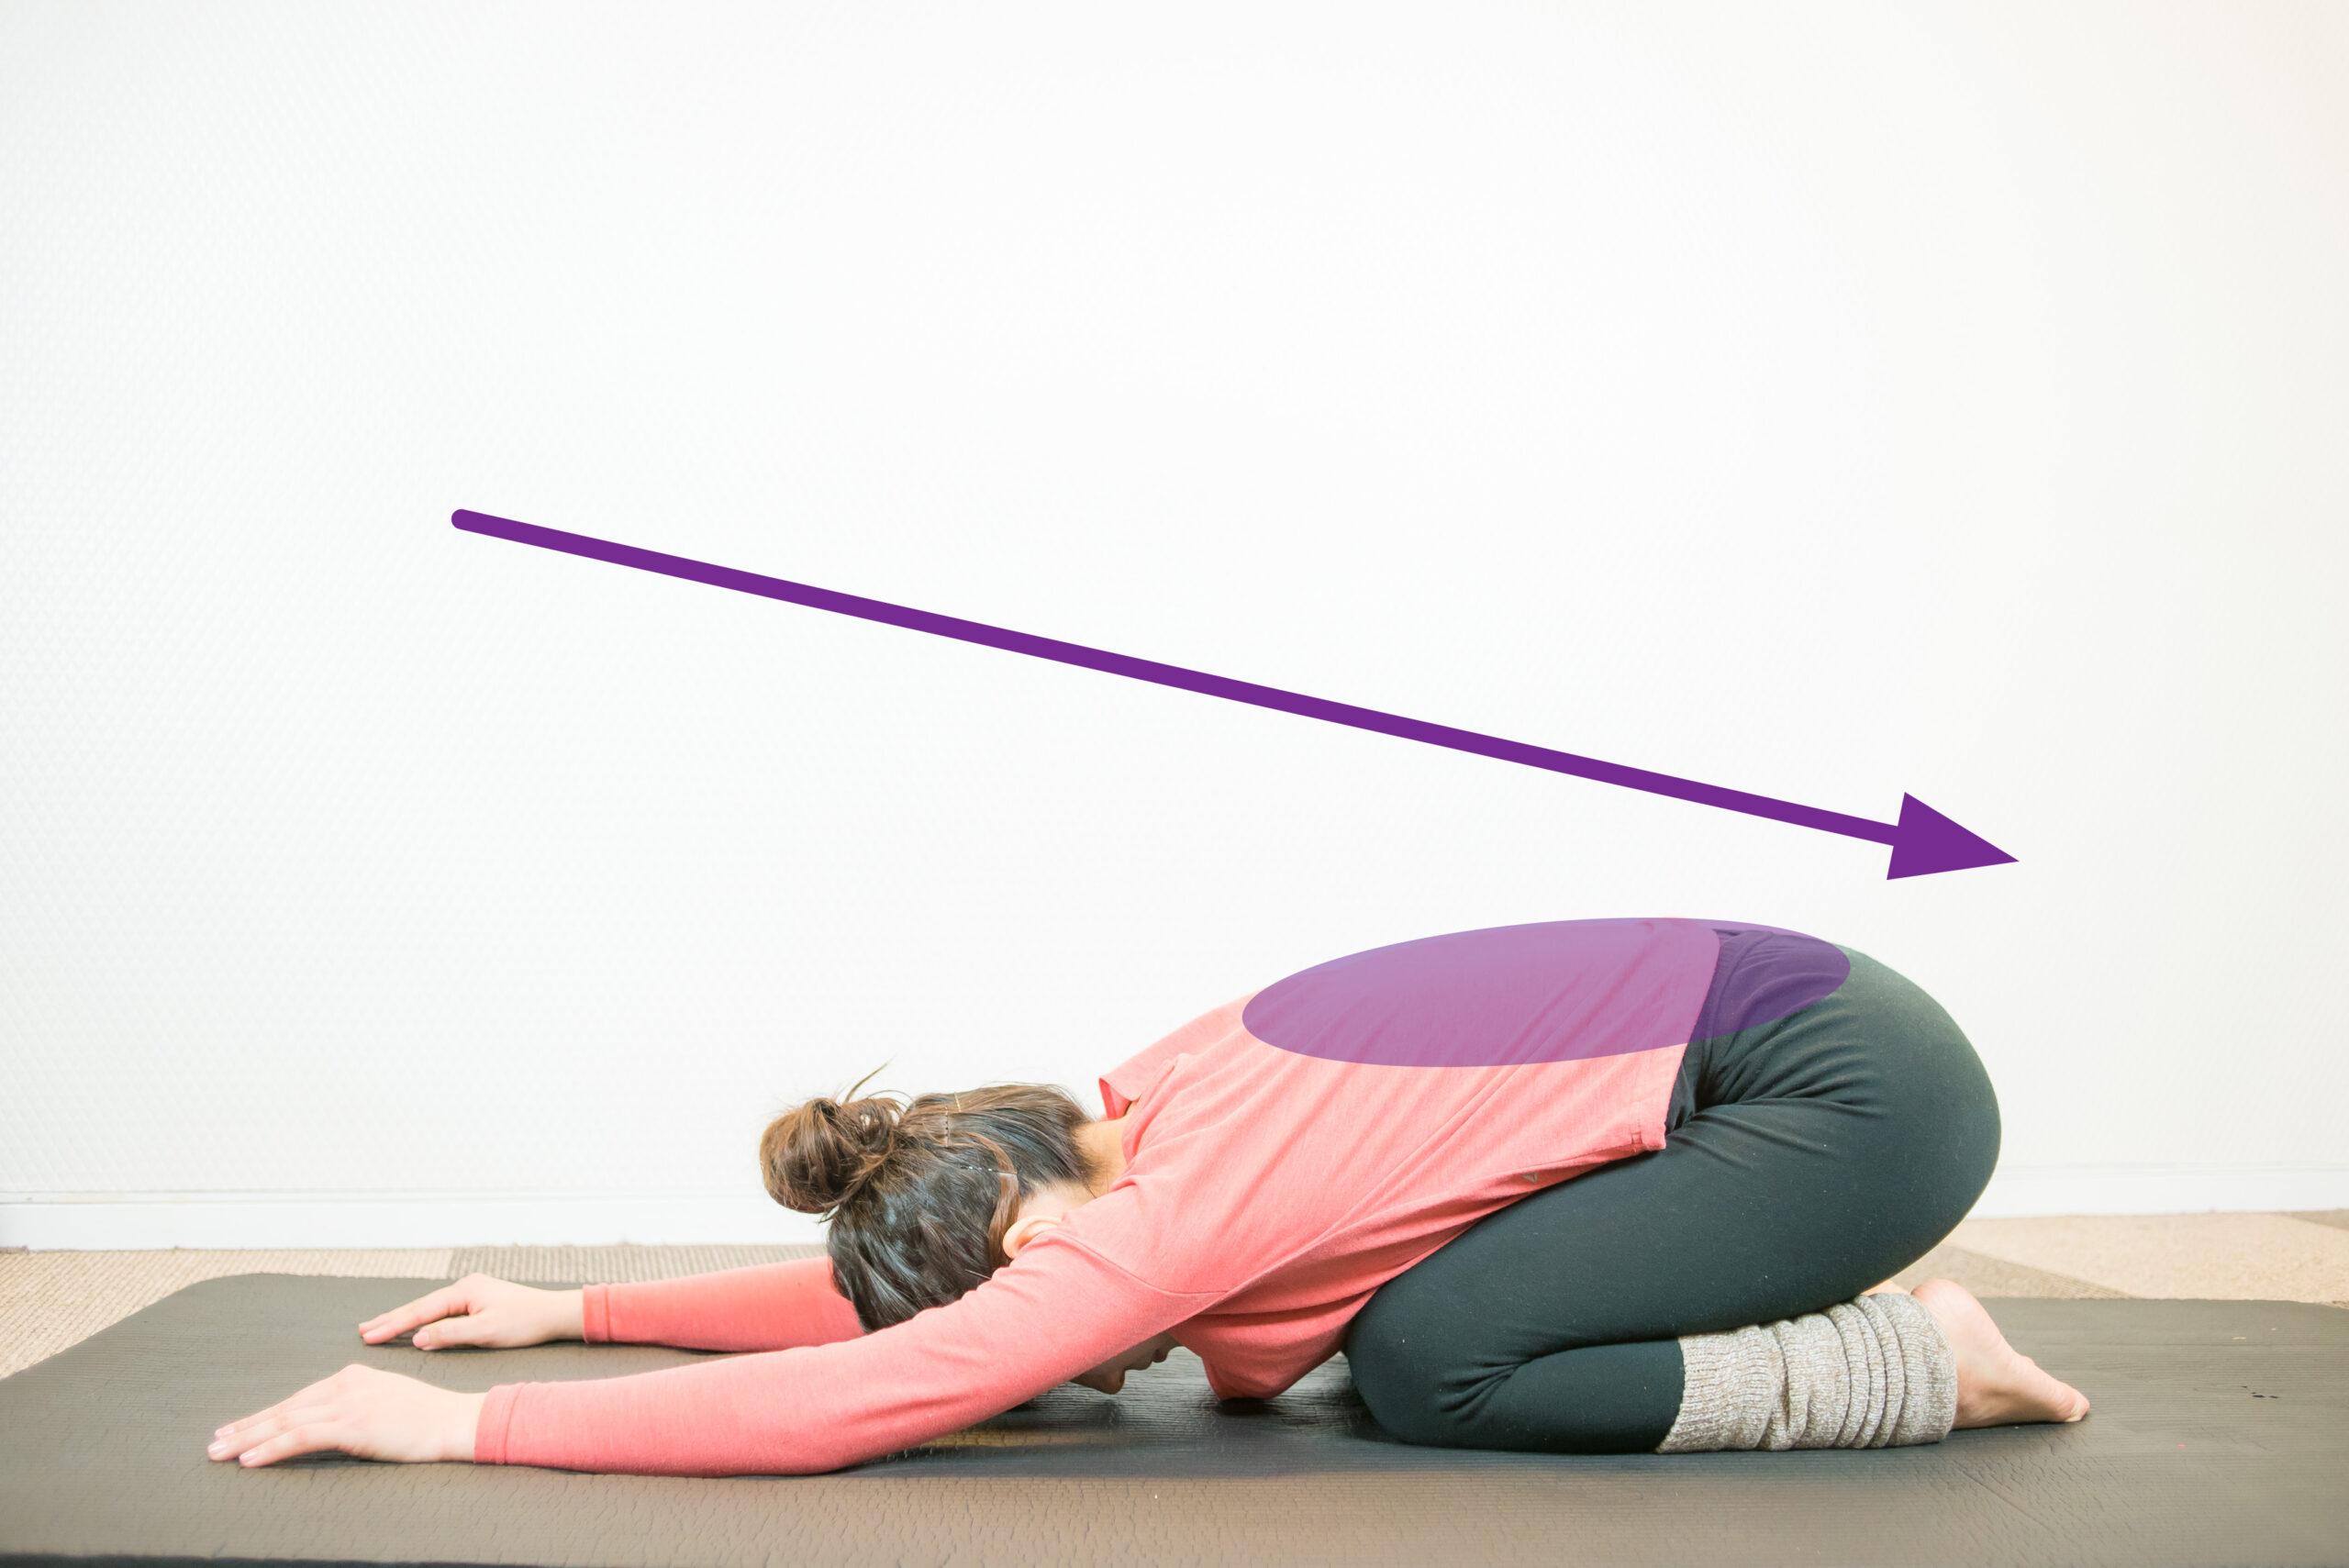 脊柱起立筋群のストレッチ